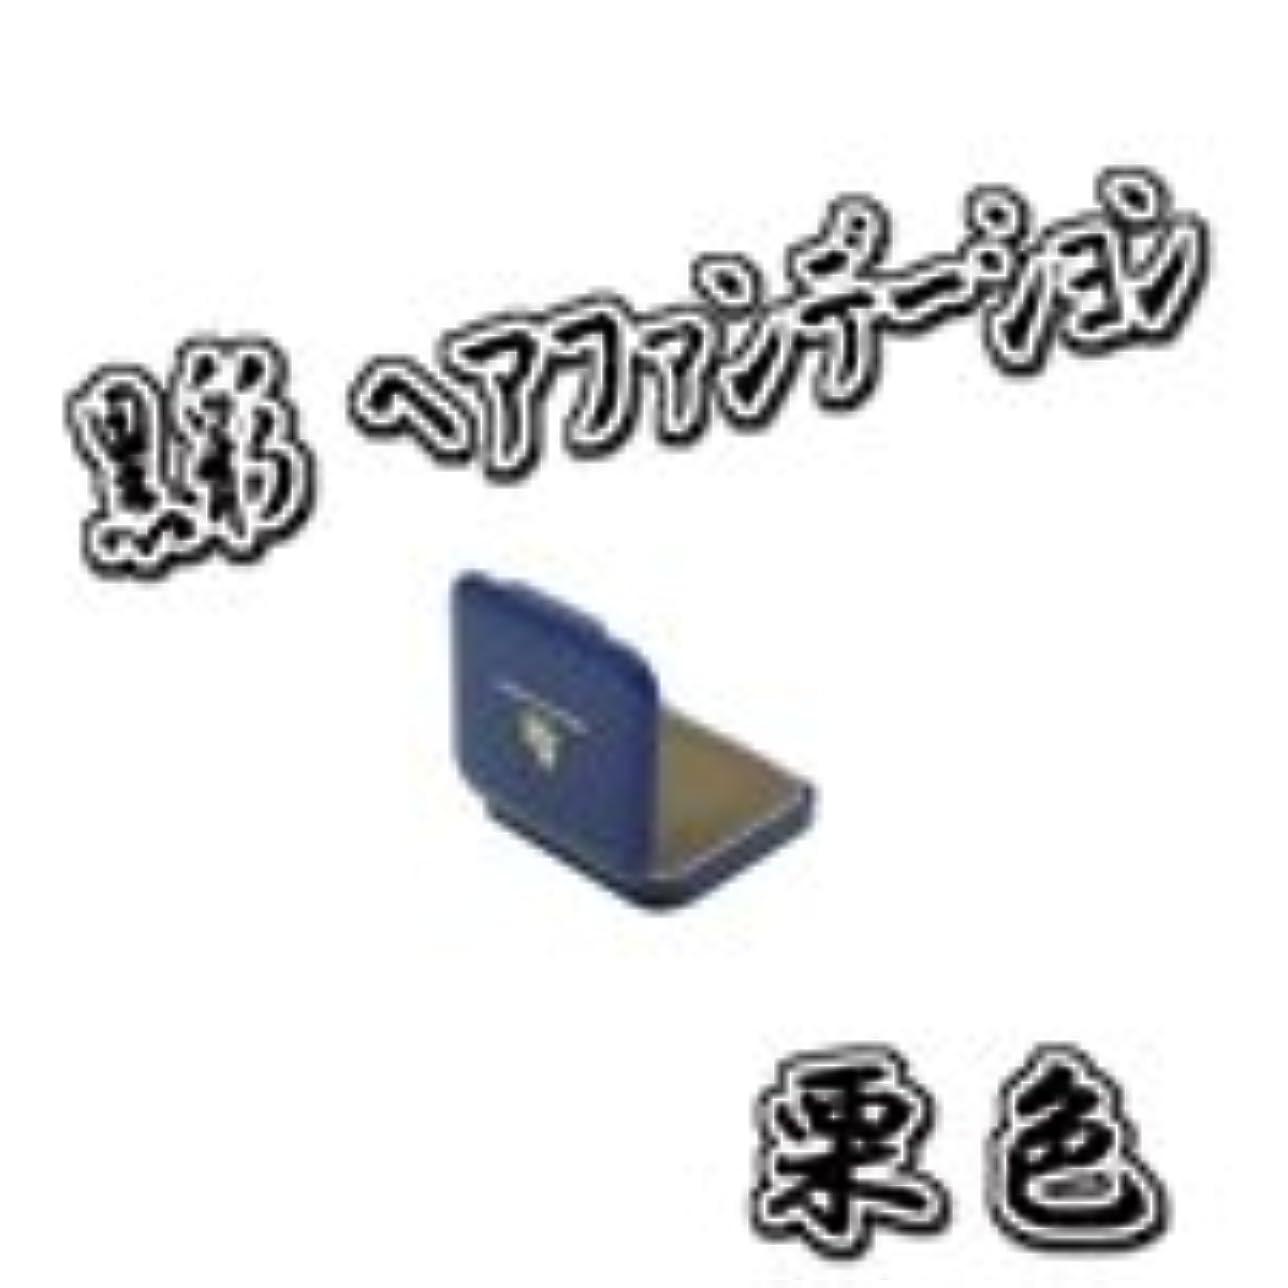 発見する狂人揮発性AMOROS アモロス 黒彩 ヘアファンデーション 【栗】 13g ミニケース パフ付